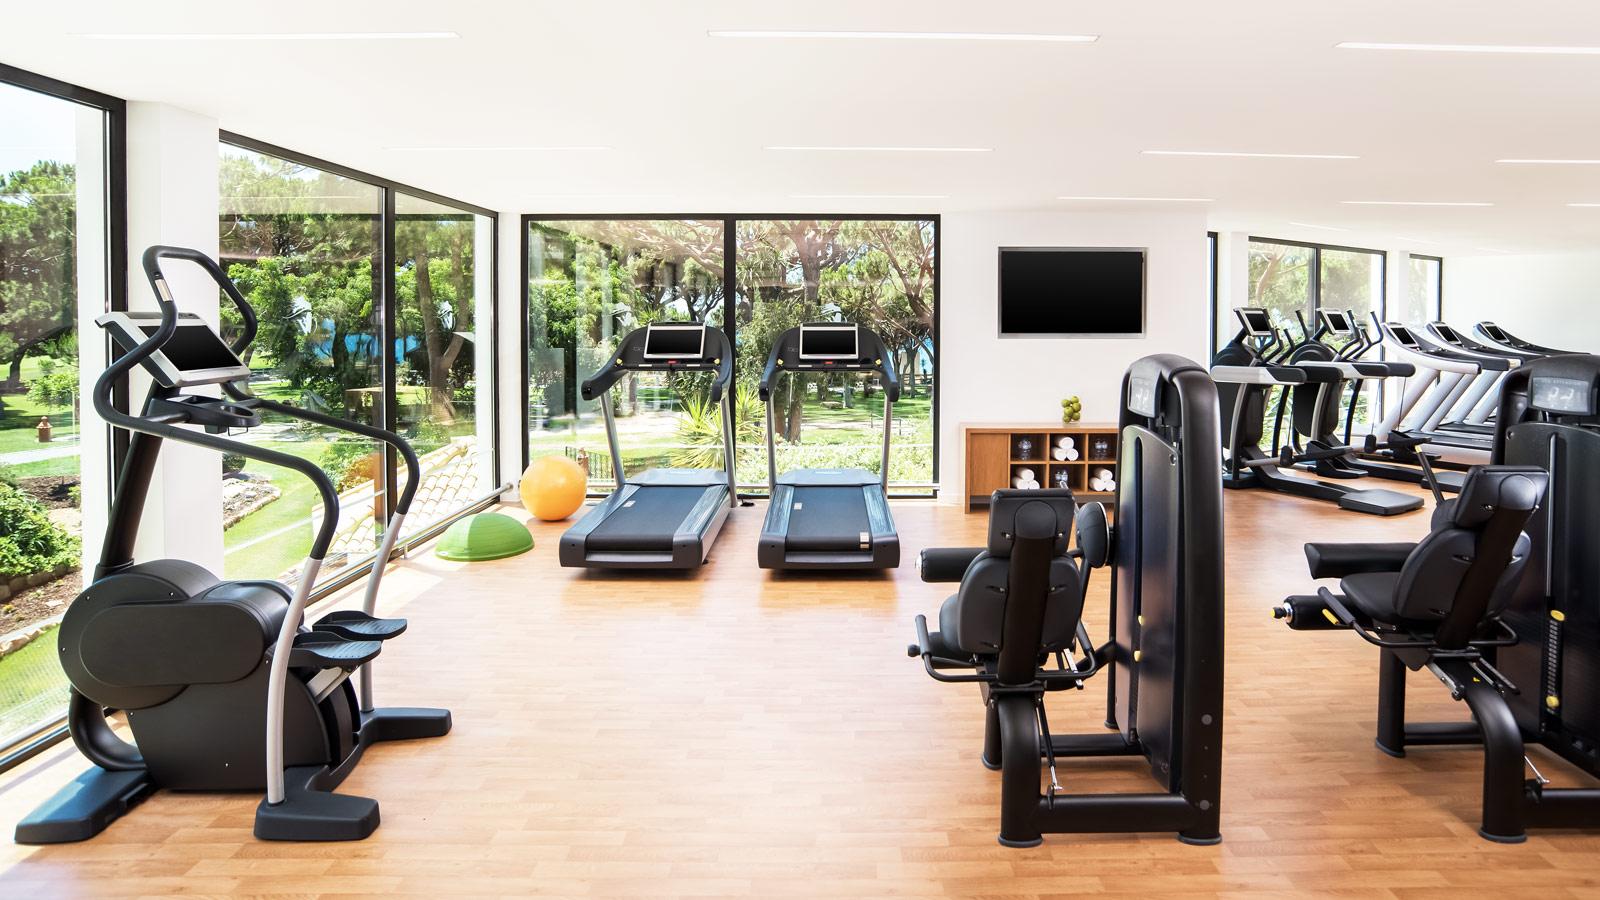 Pine Cliffs Gym / Health Suite